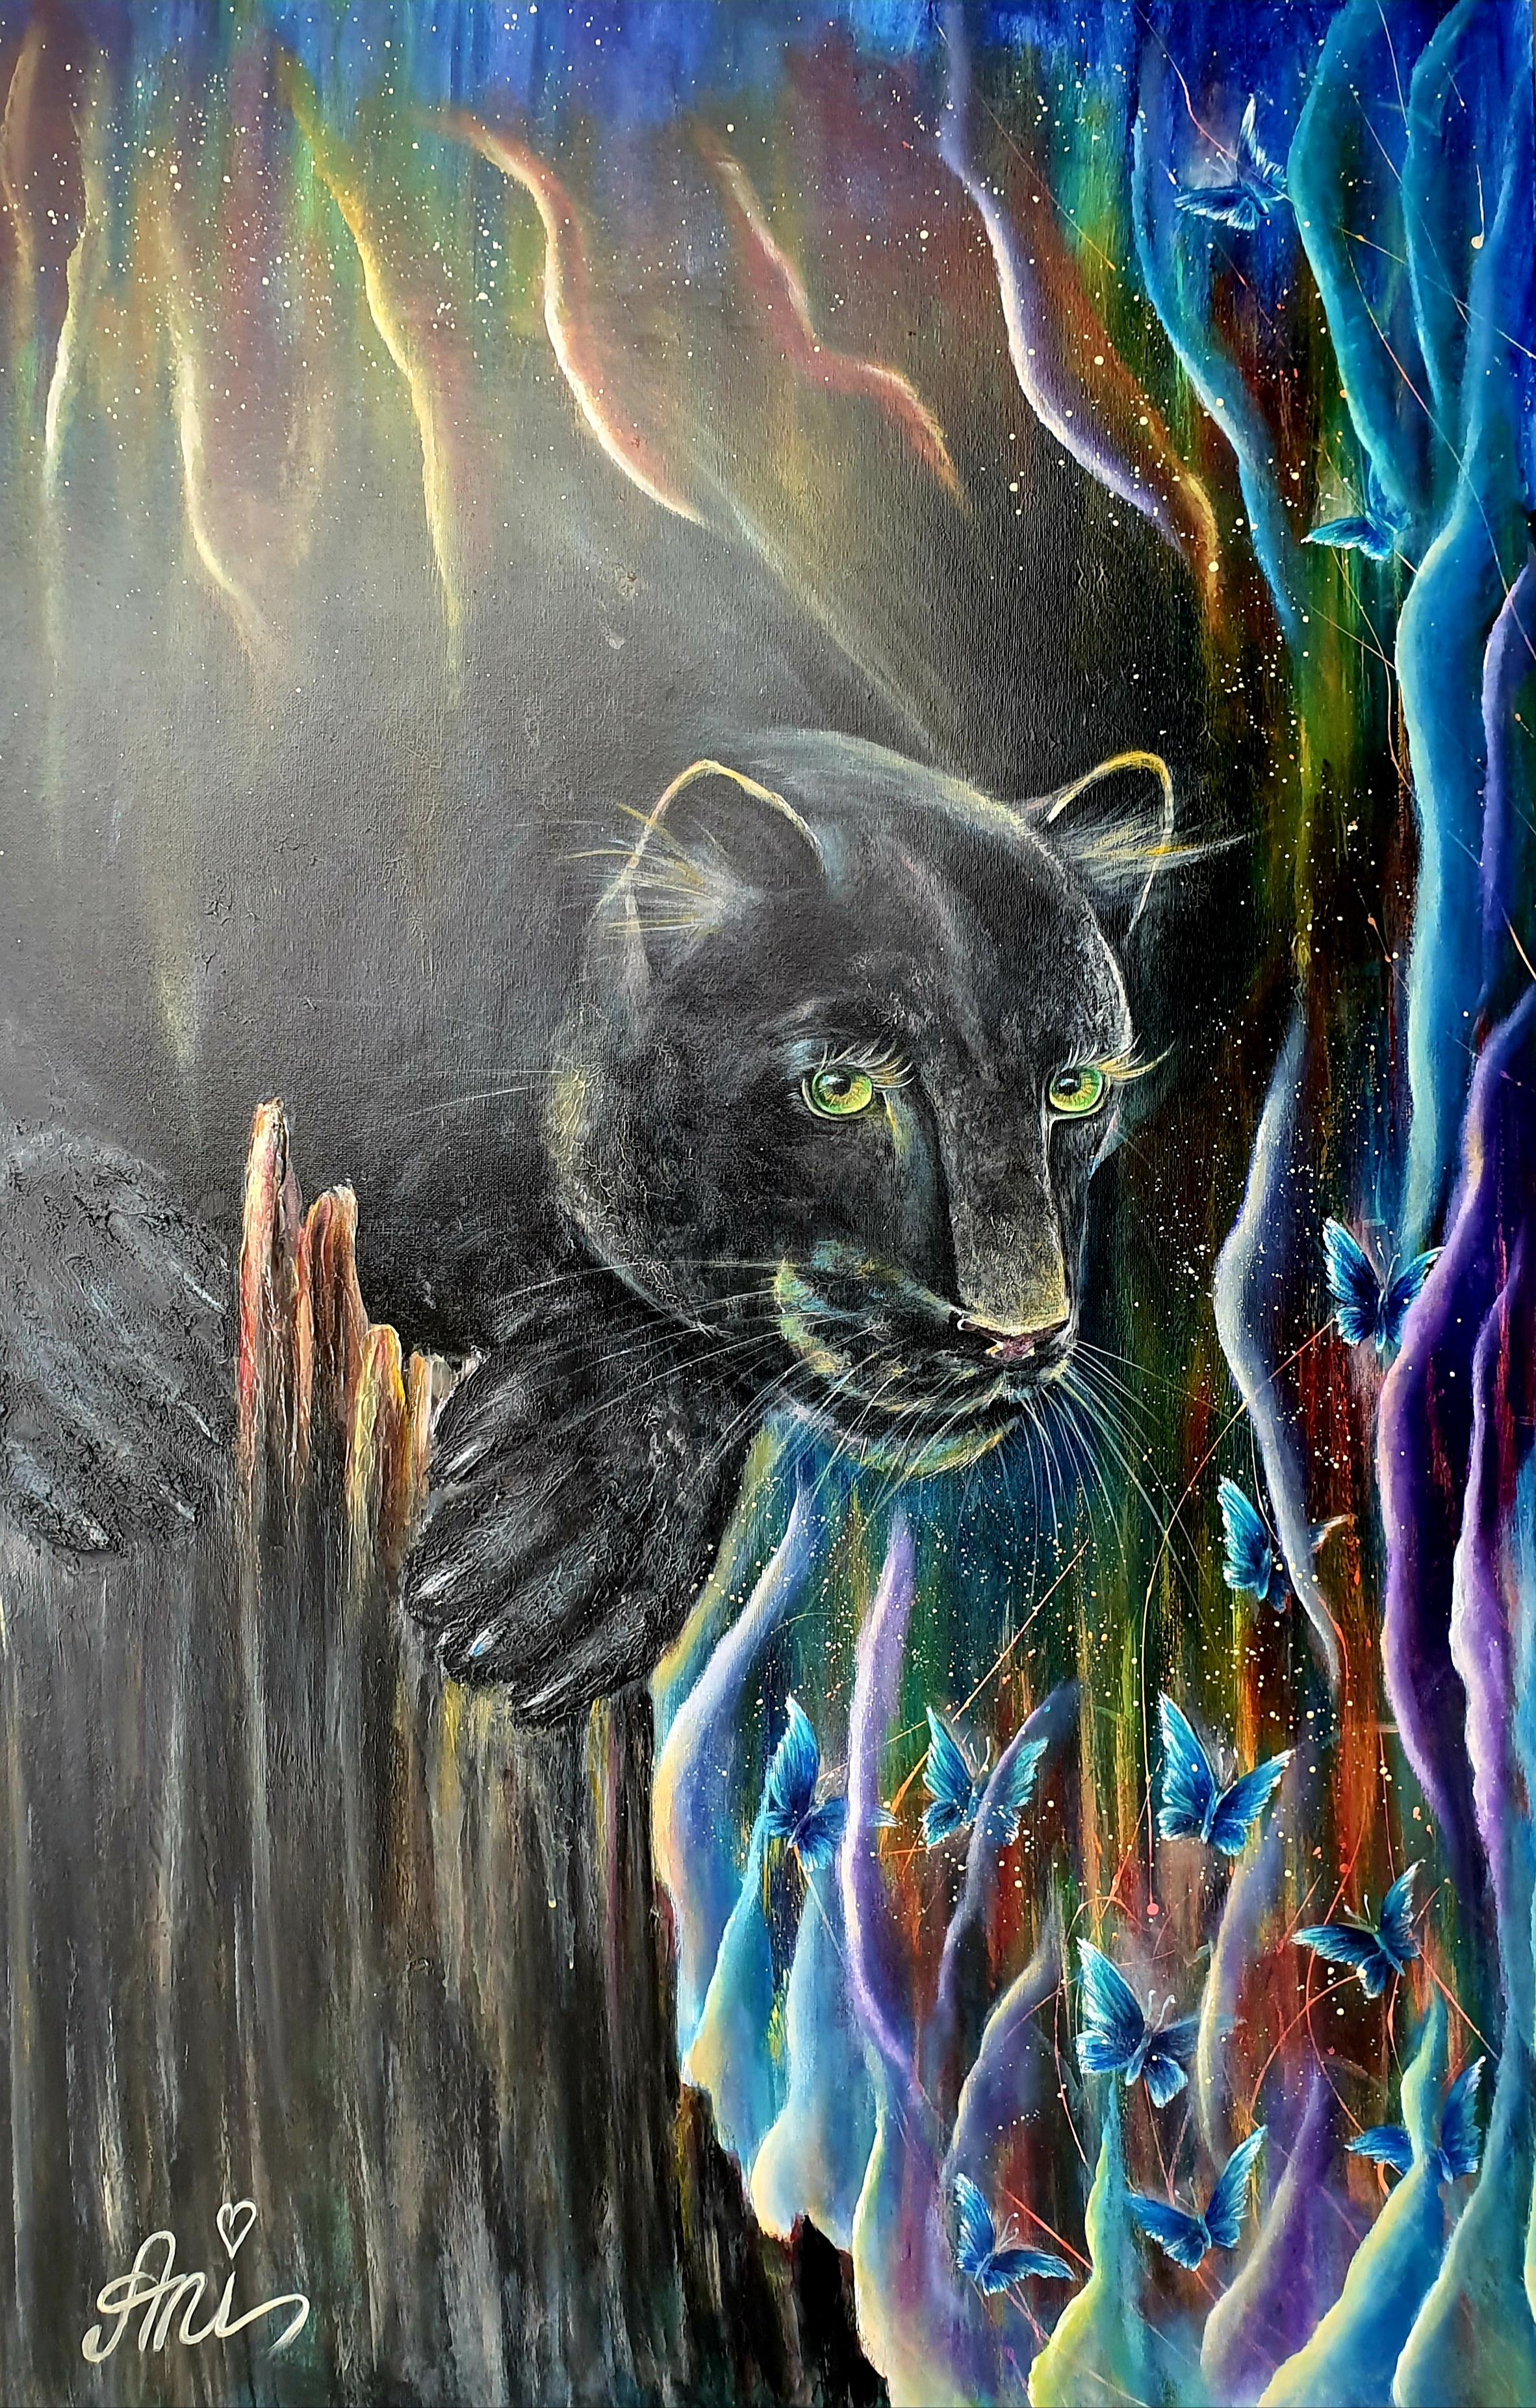 The black panther:  Peinture acrylique sur toile, 115cm x 75cm  Prix: 1250€ + frais de port